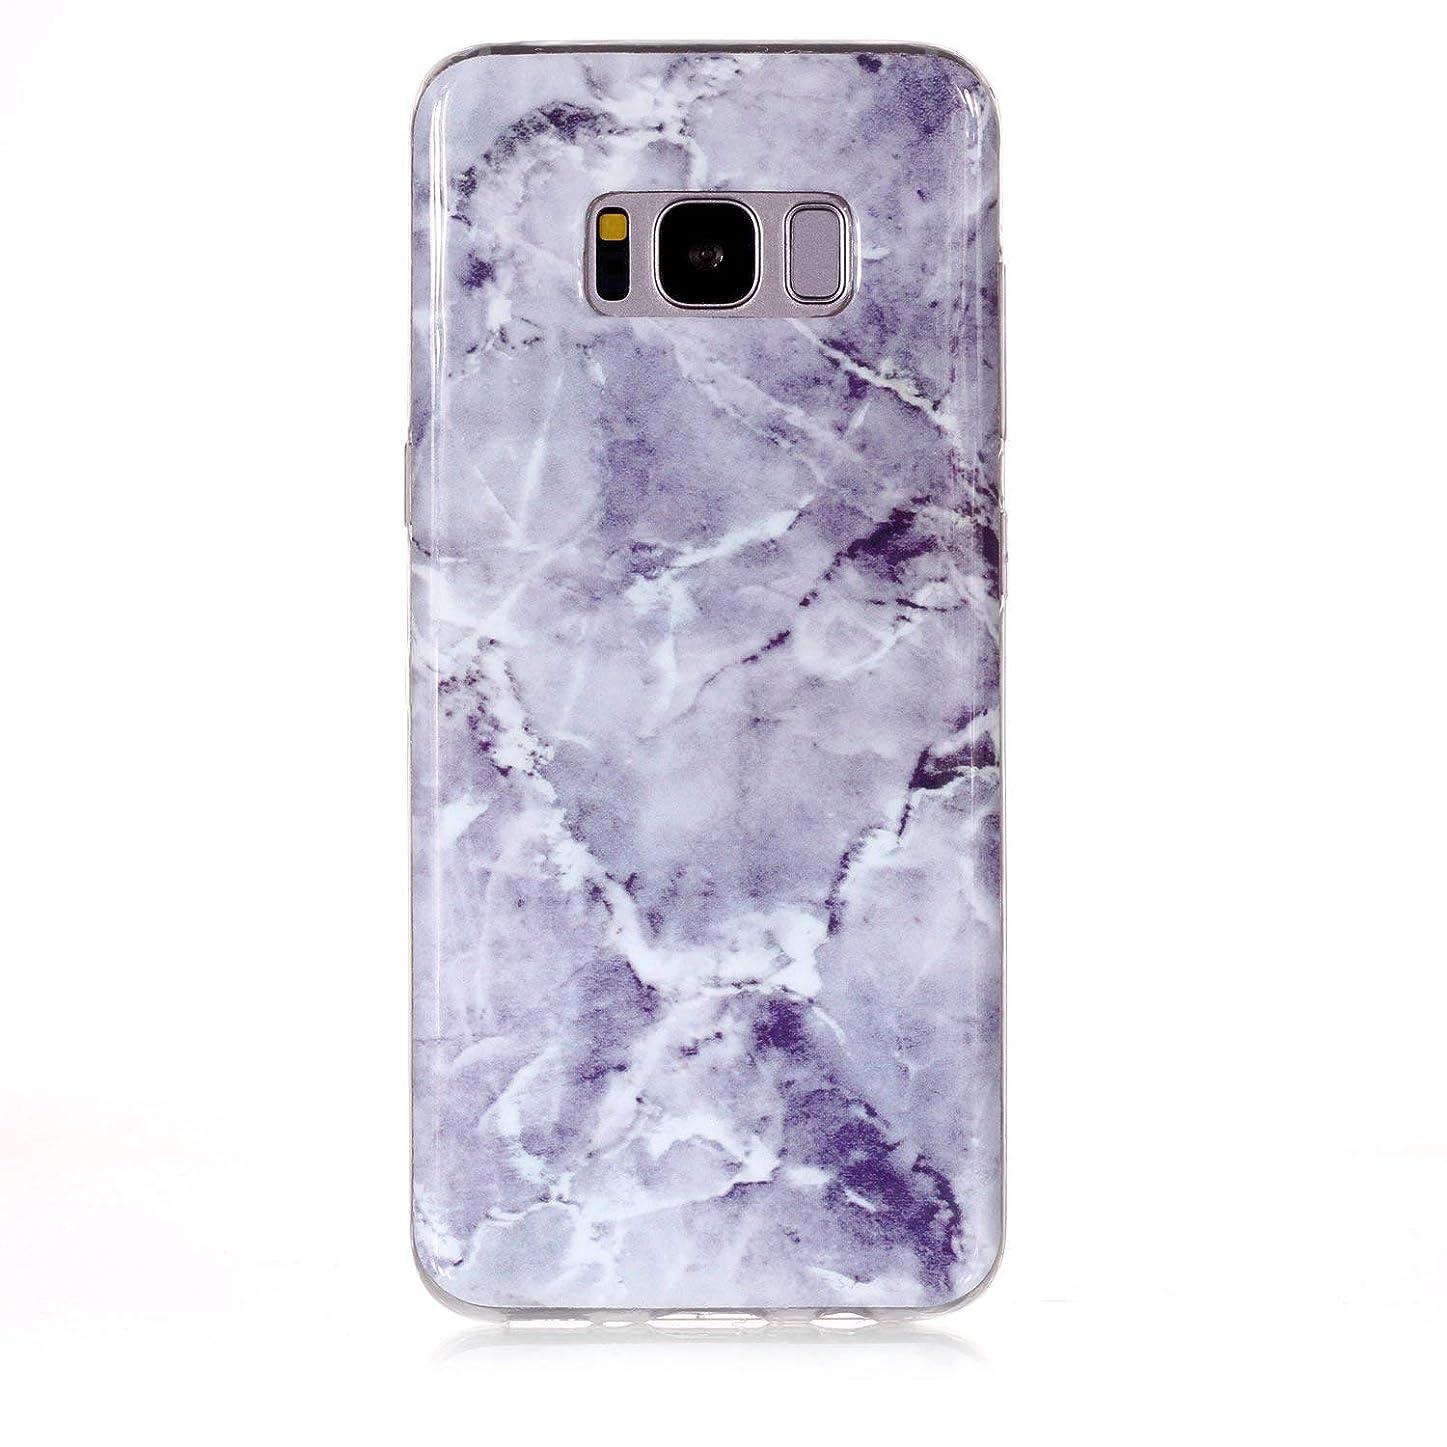 腹痛オープナー思いやりのあるDocrax Galaxy S8 / docomo SC-02J / au SCV36 ケース 耐衝撃 シリコン 落下防止 ギャラクシーS8 ケース ソフト カバー 傷つき防止 - DOYHU230575#11